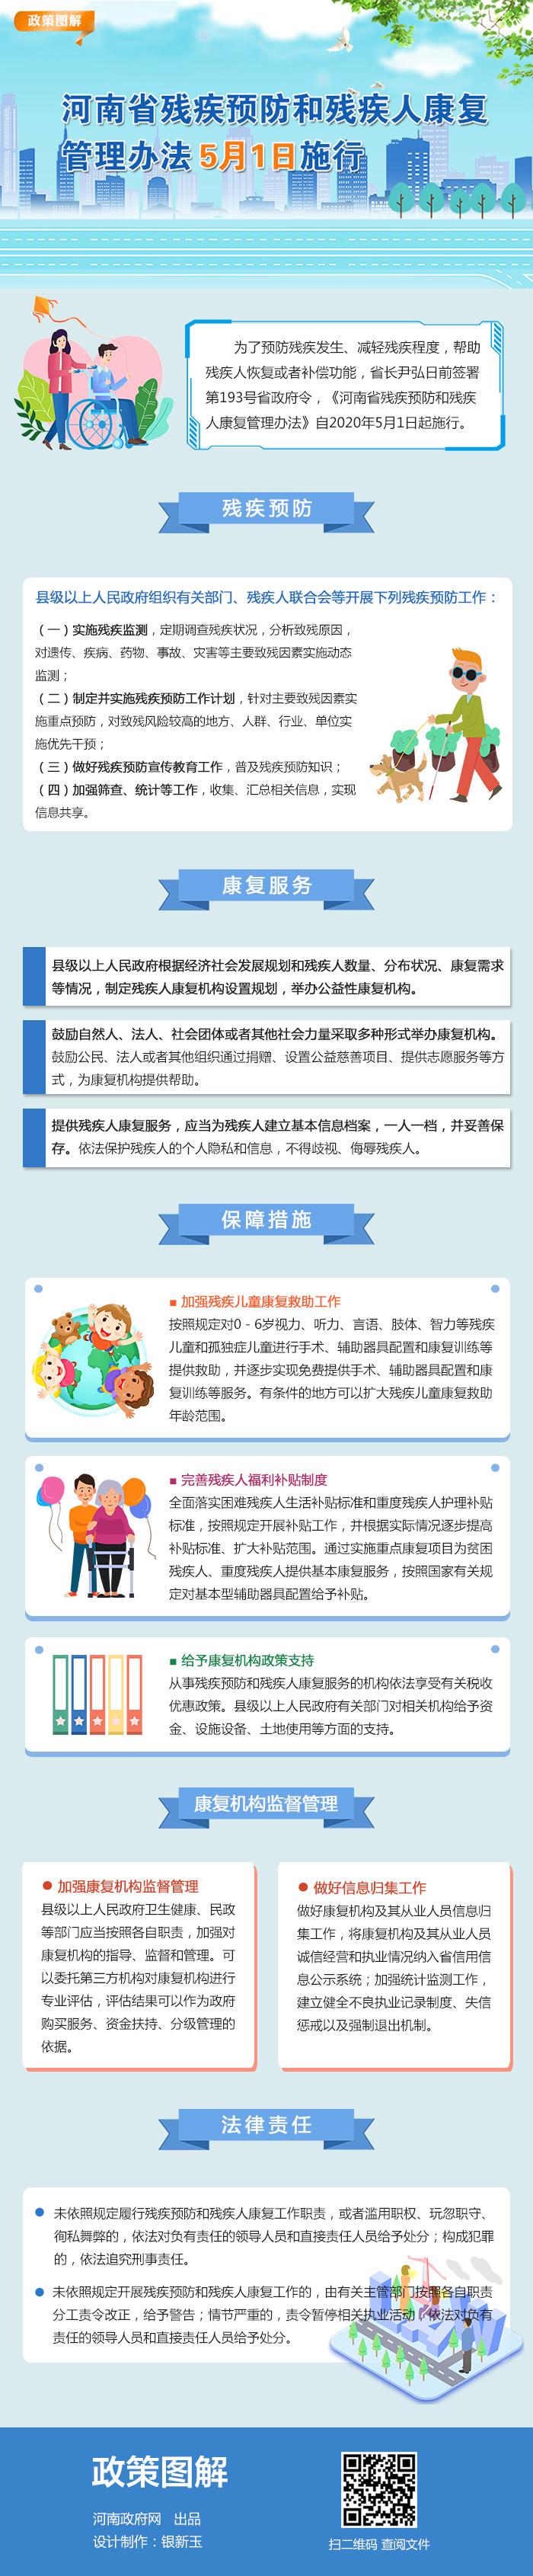 圖解:《河南省殘疾預防和殘疾人康復管理辦法》<br>5月1日起施行